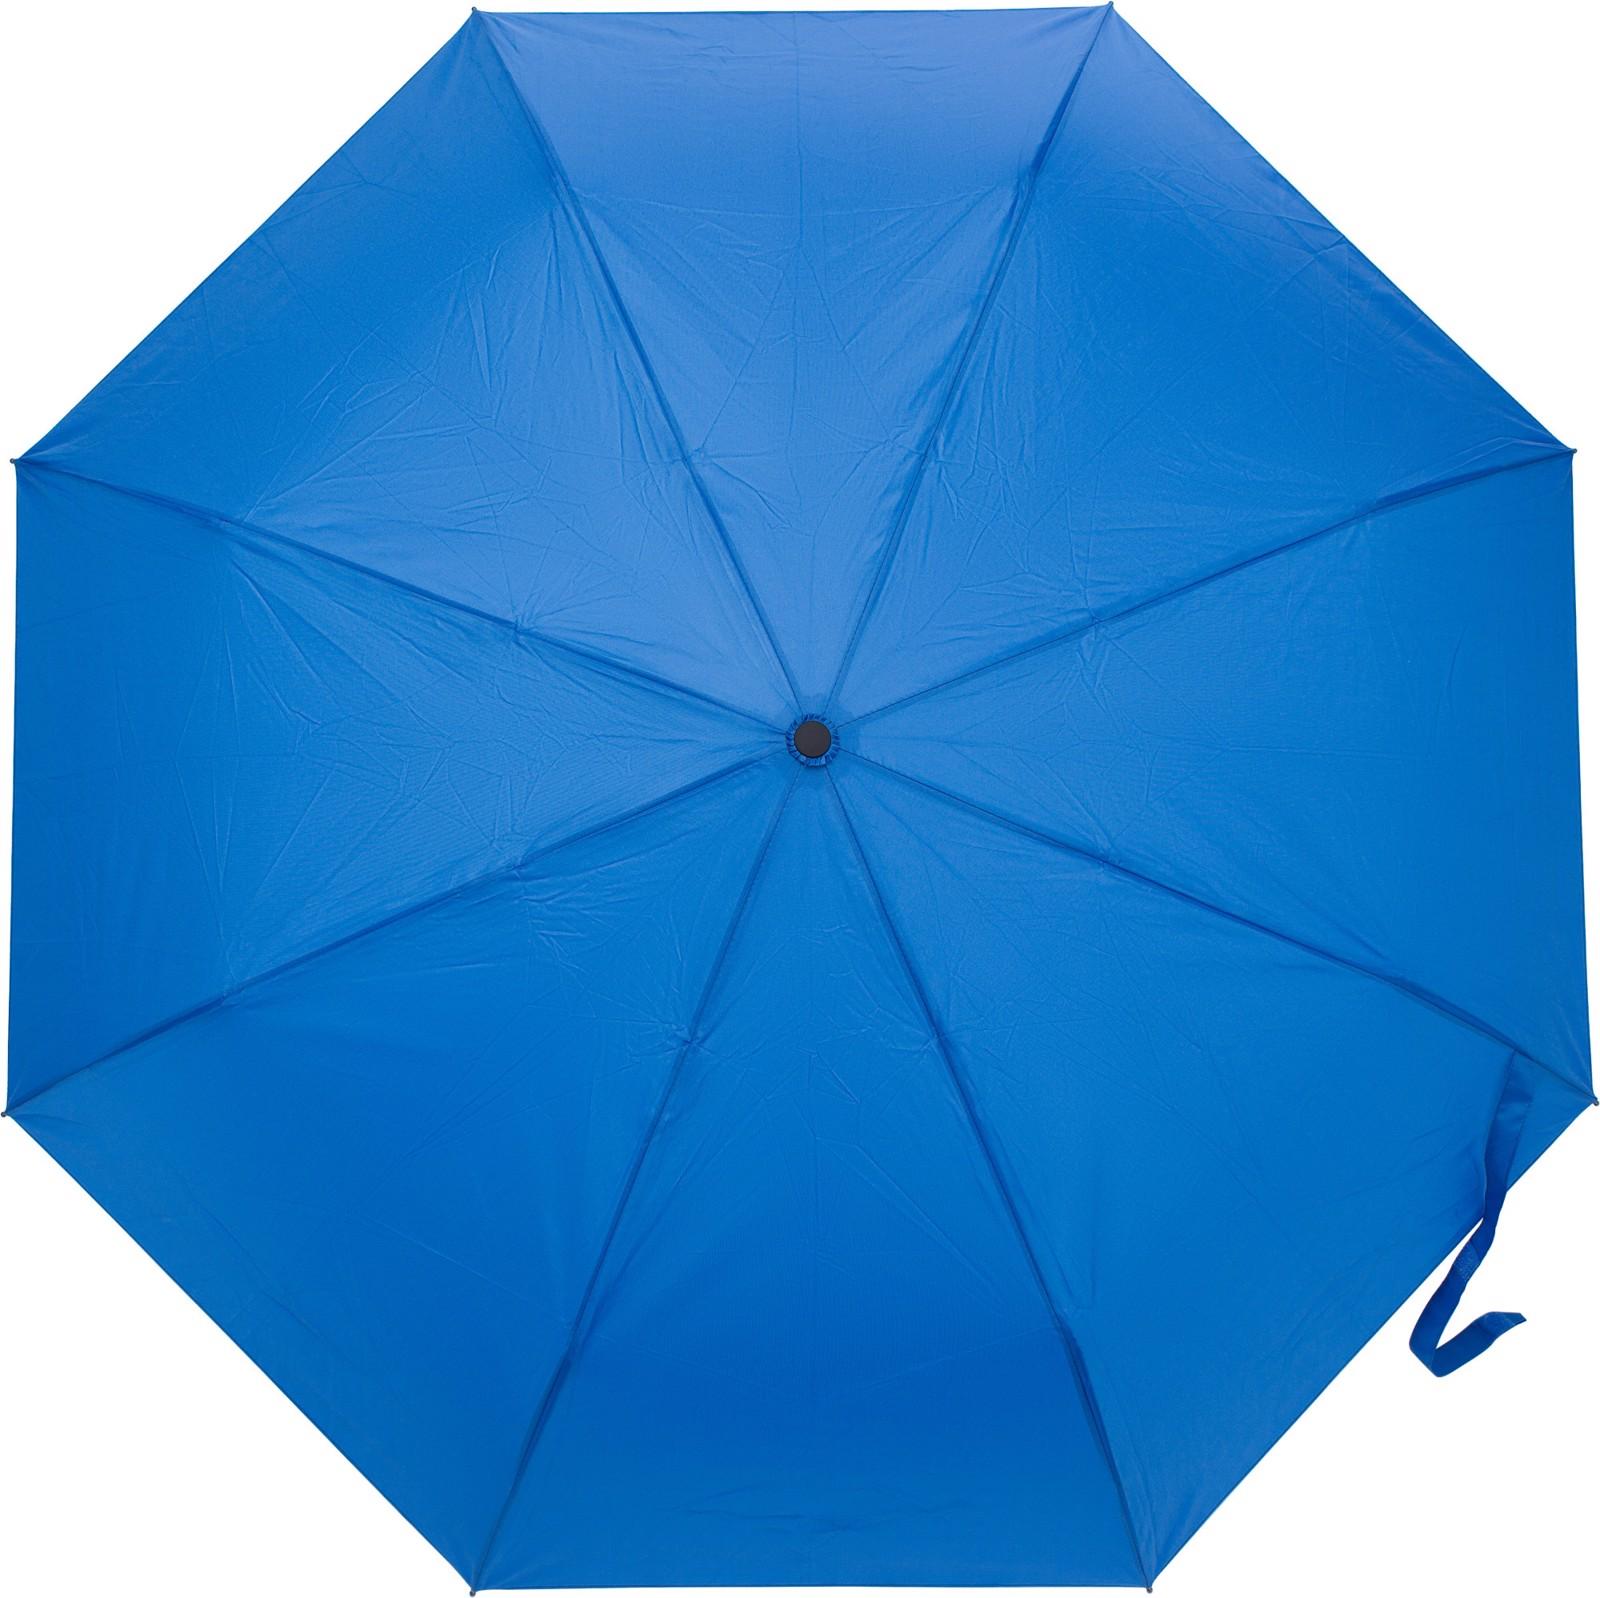 Pongee (190T) umbrella - Blue